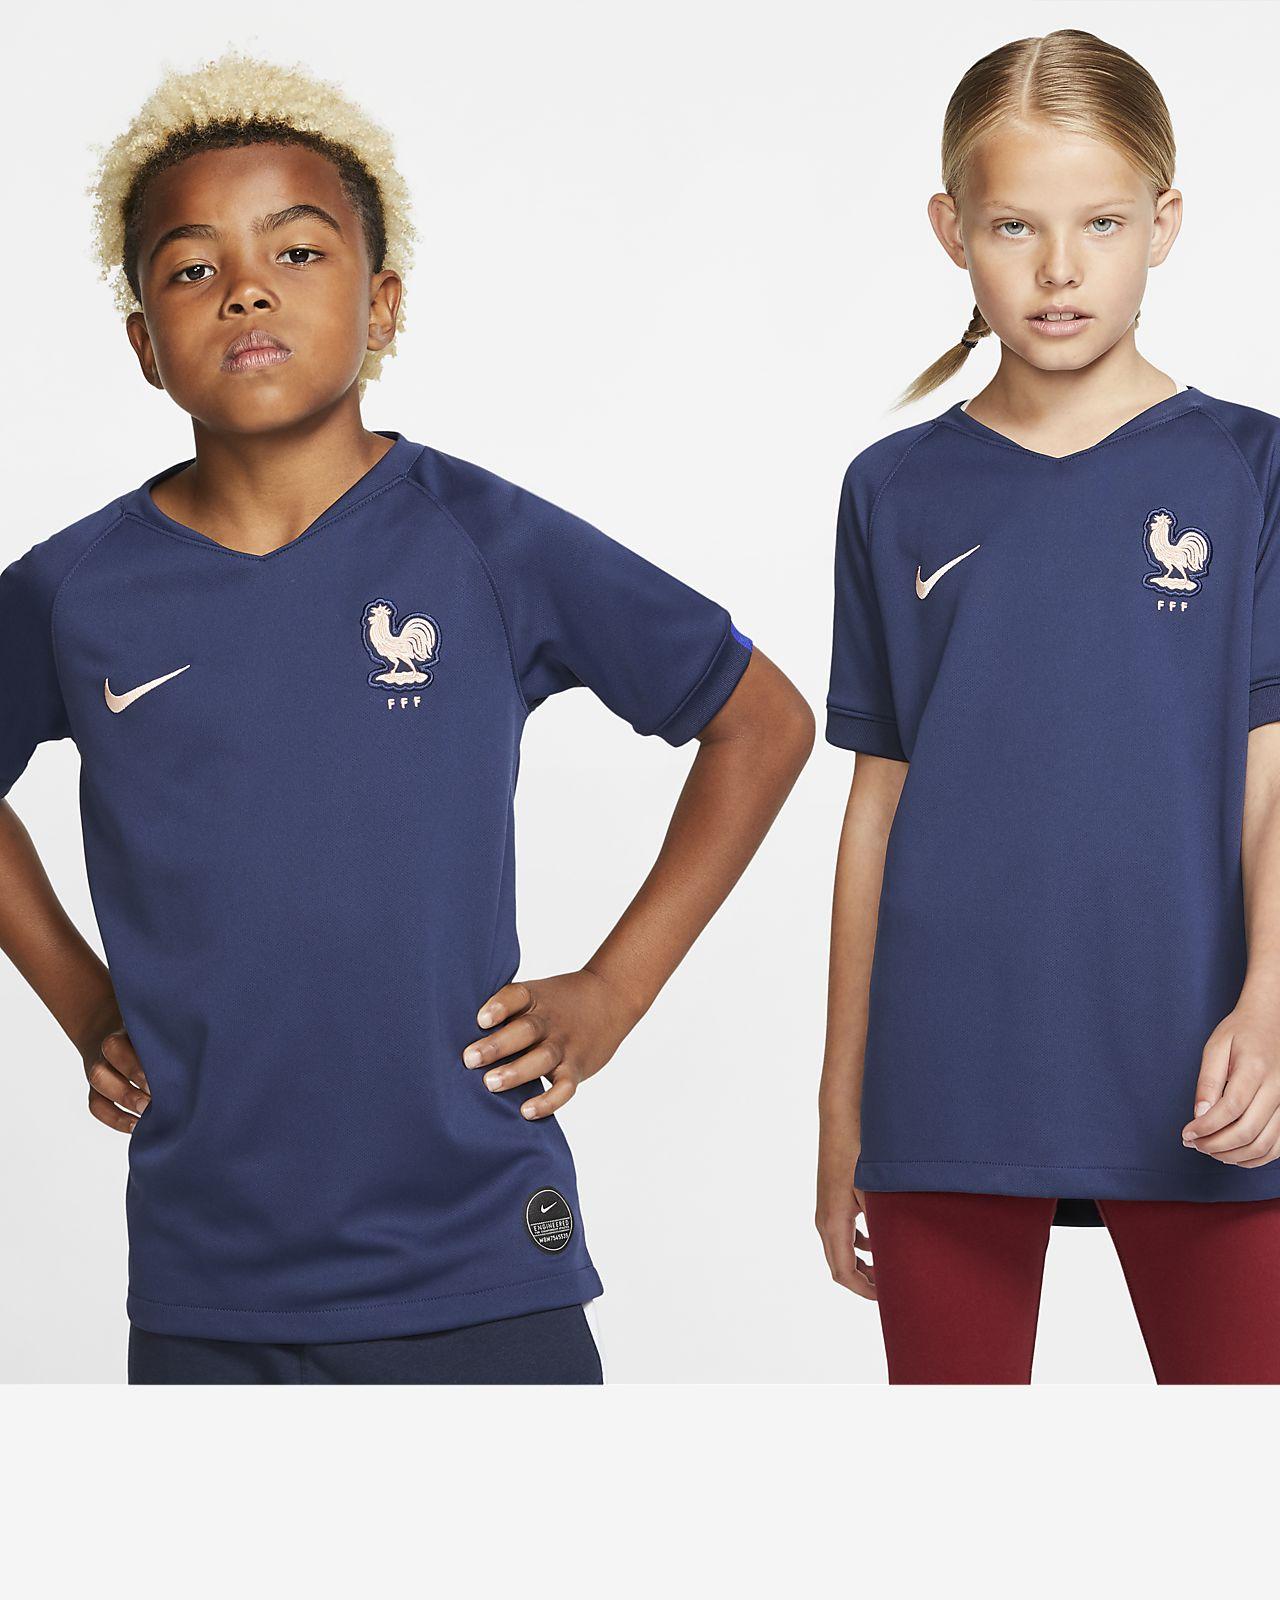 FFF 2019 Stadium Home Voetbalshirt voor kids